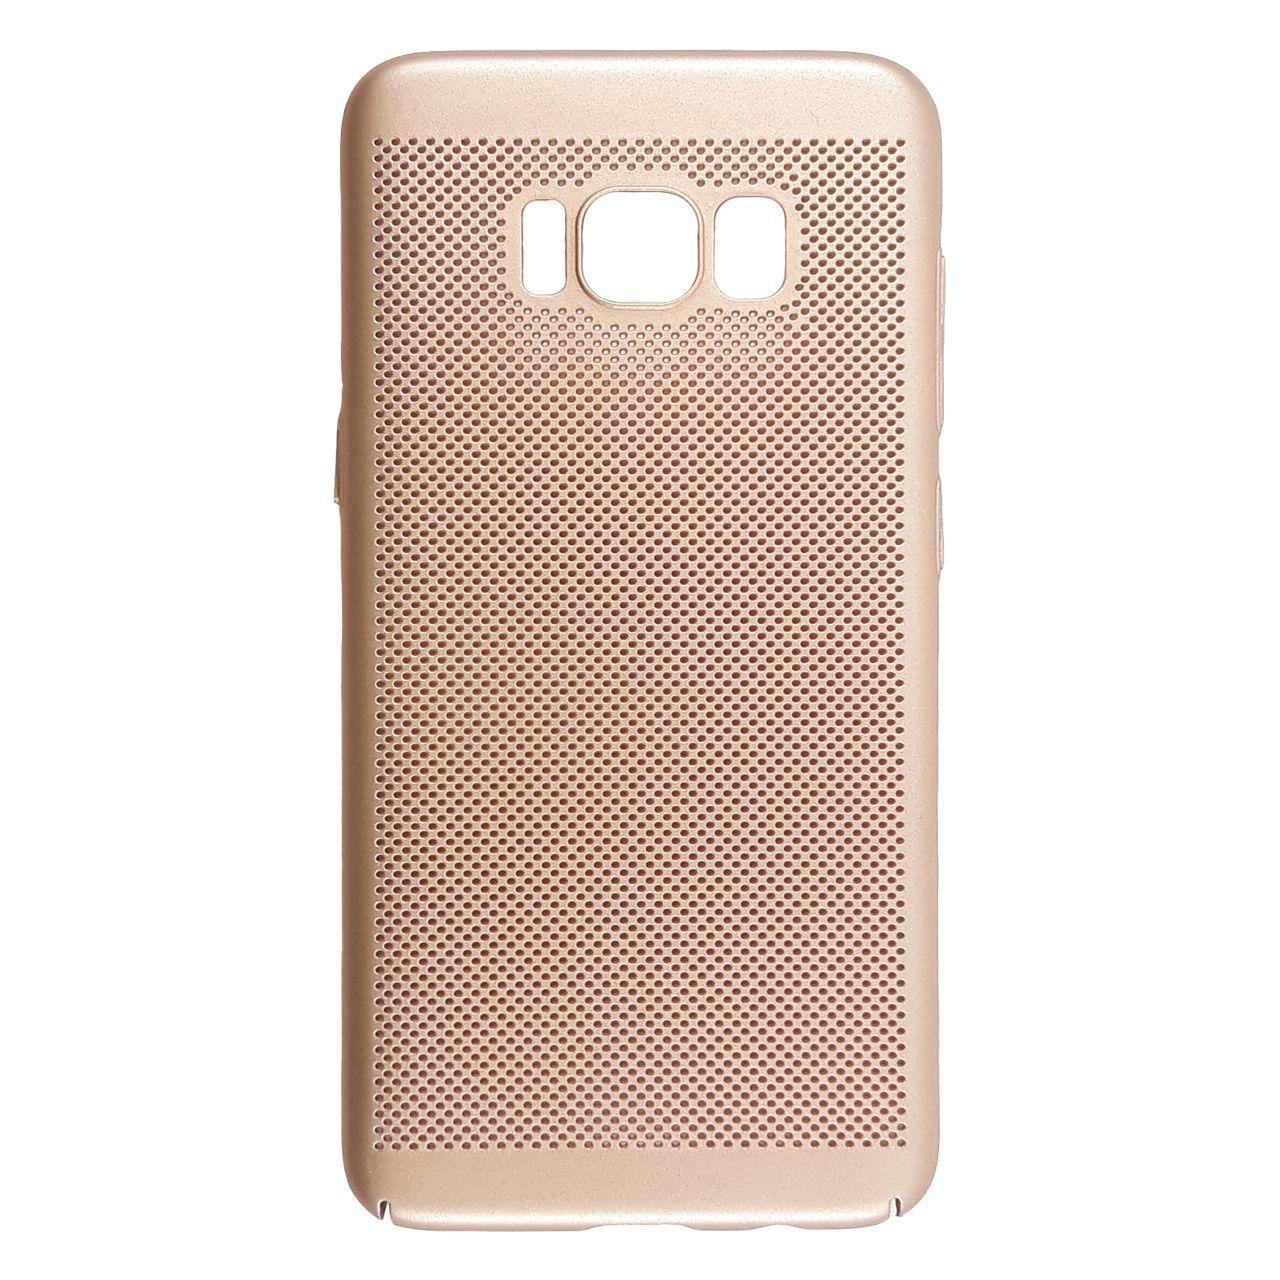 کاور فشن مدل New Hard Mesh مناسب برای گوشی سامسونگ Galaxy S8 Plus